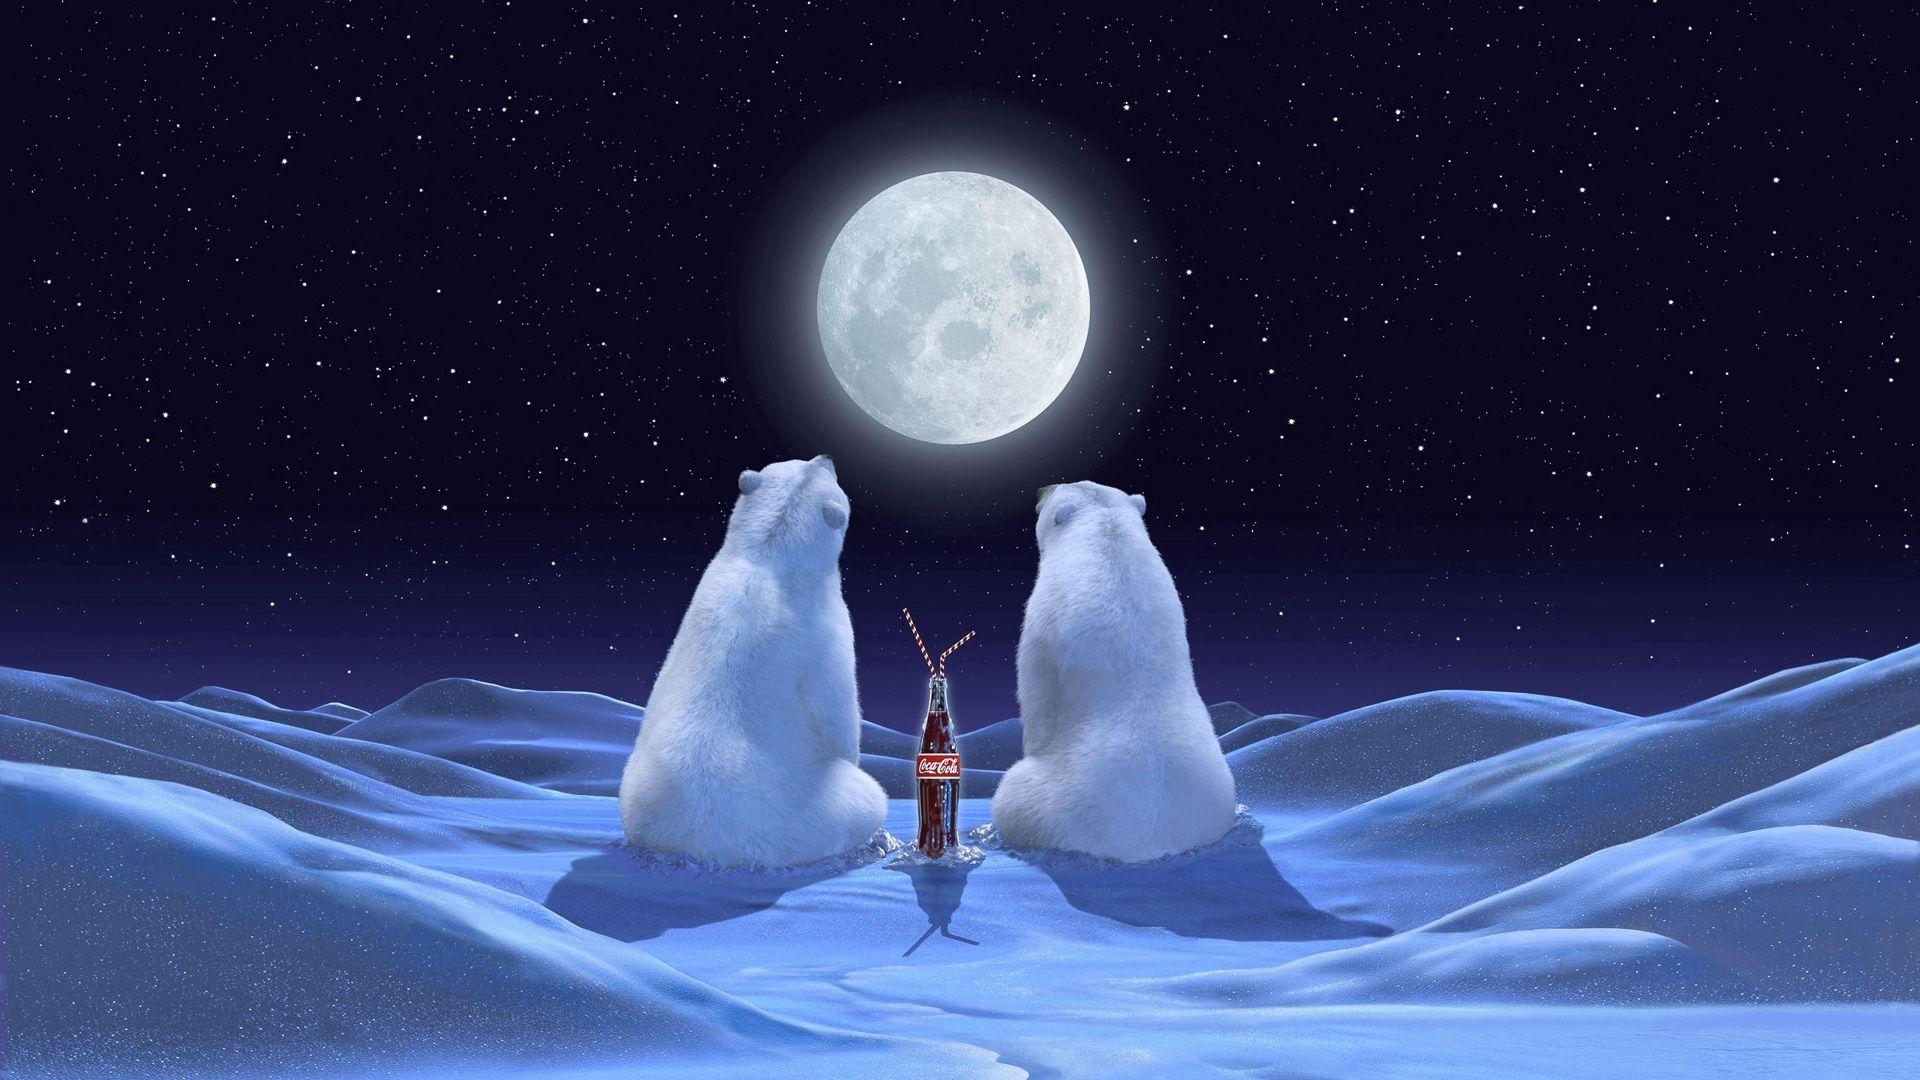 55283 скачать обои Снег, Праздники, Медведи, Кола - заставки и картинки бесплатно